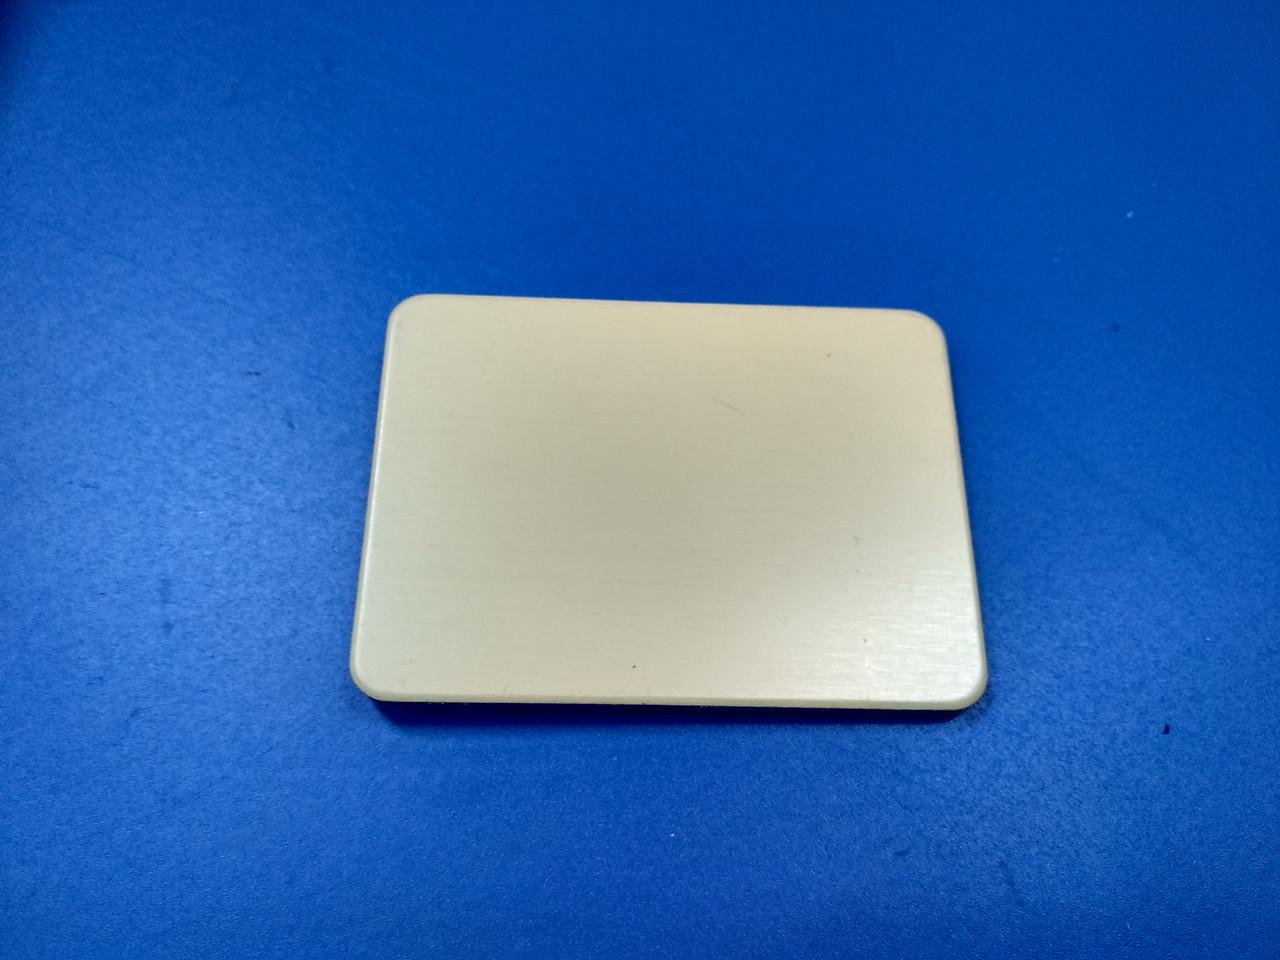 Панель композитная 3мм БЕЛЫЙ COMMERCIAL(0,18*0,18), фото 1